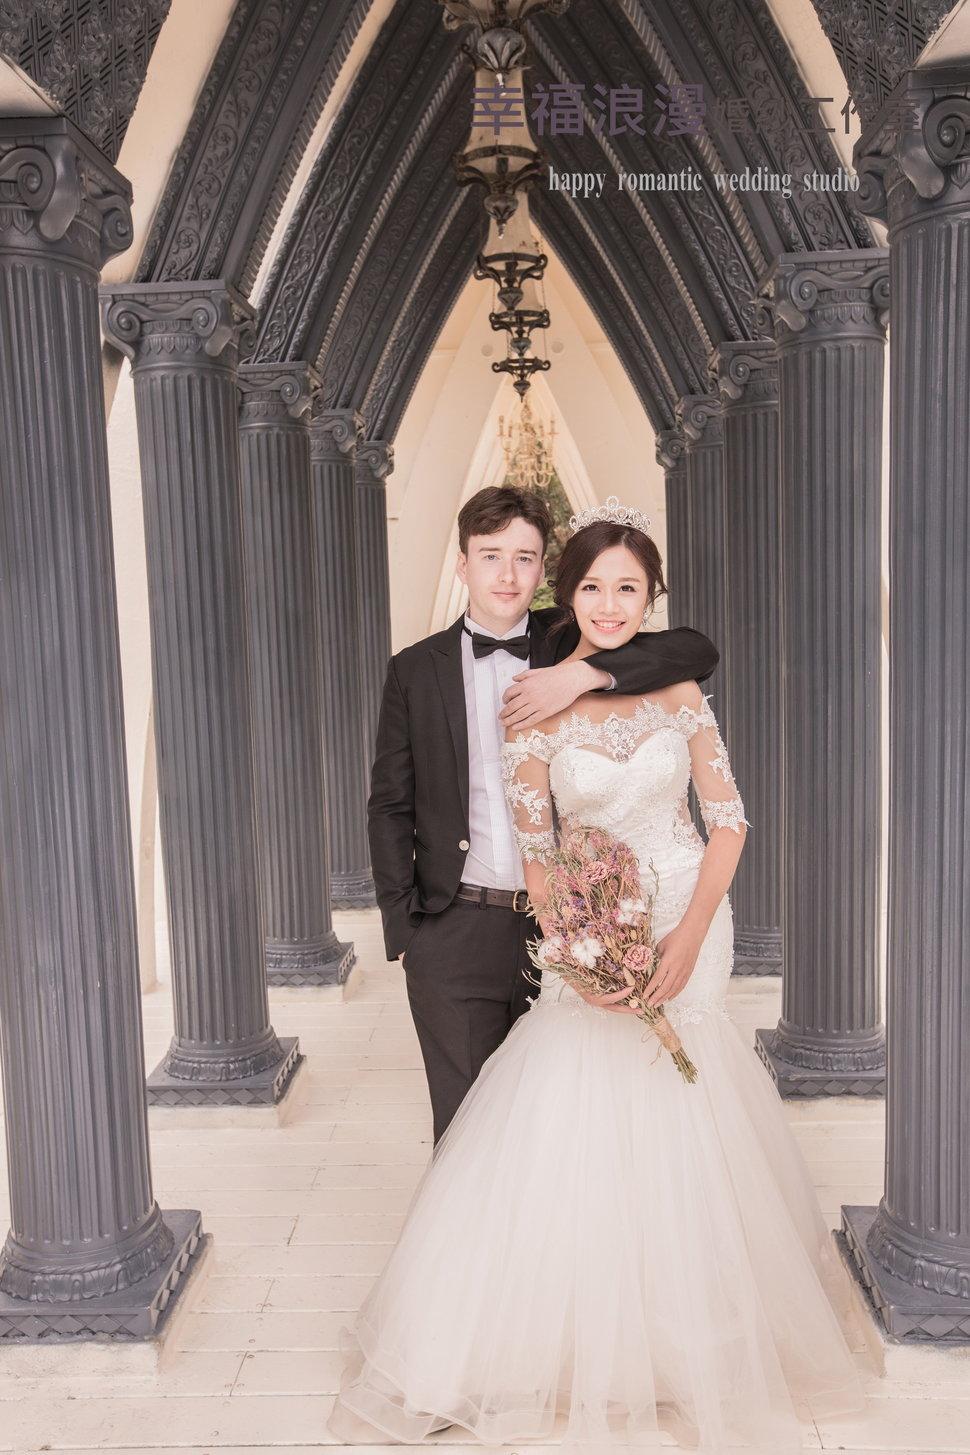 5G3A6939-1_調整大小 - 幸福浪漫婚紗工作室 韓式婚紗攝影《結婚吧》